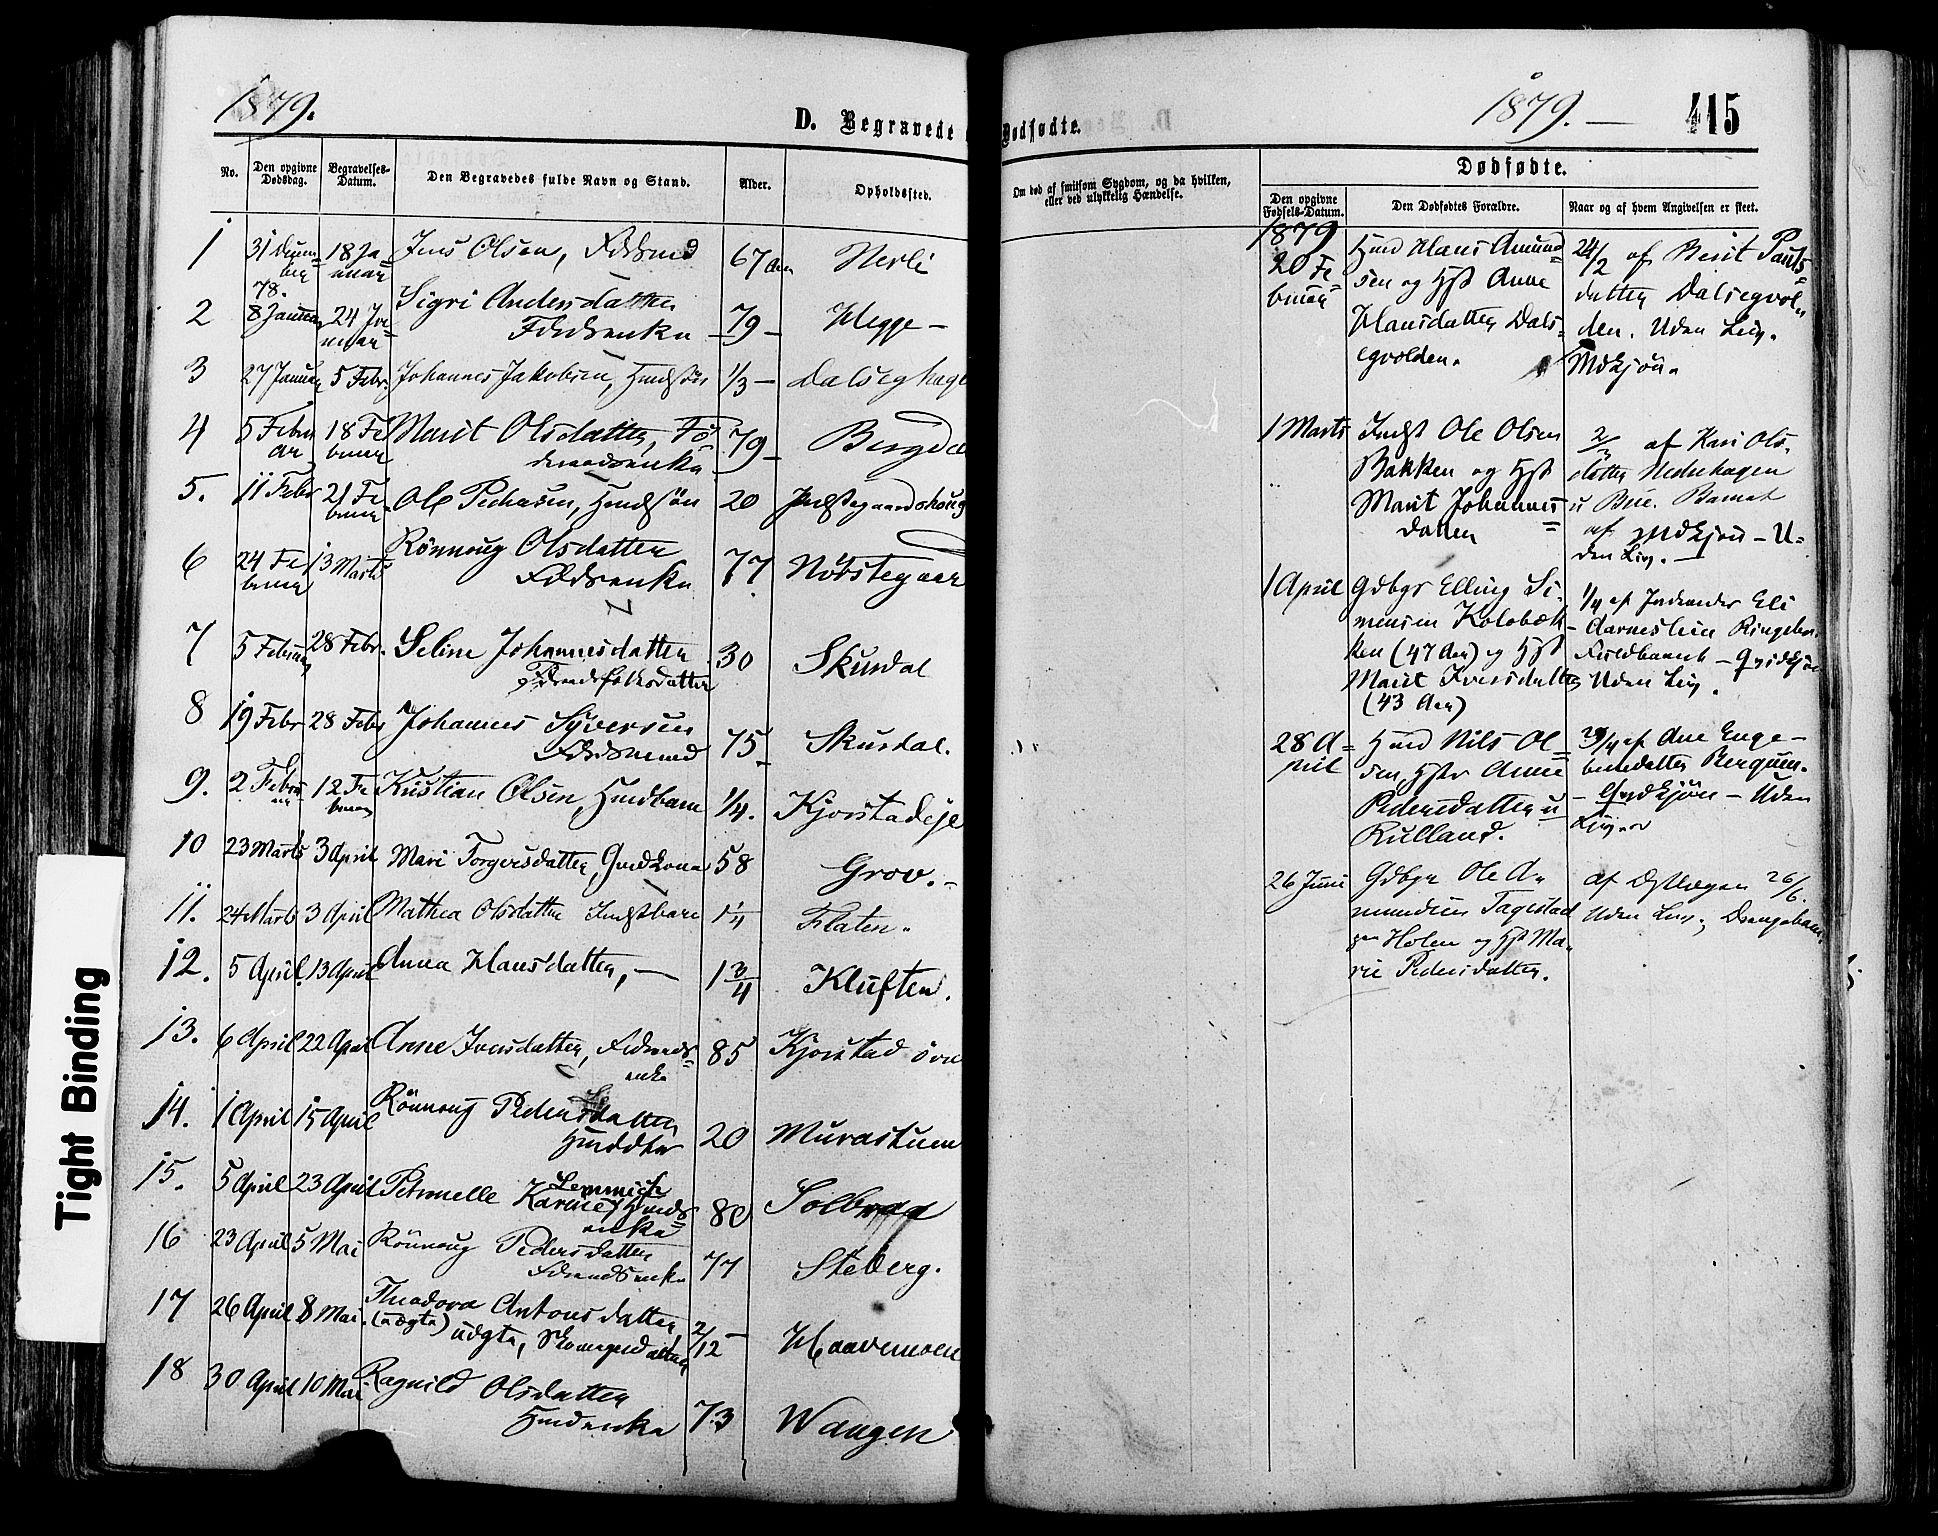 SAH, Sør-Fron prestekontor, H/Ha/Haa/L0002: Ministerialbok nr. 2, 1864-1880, s. 415